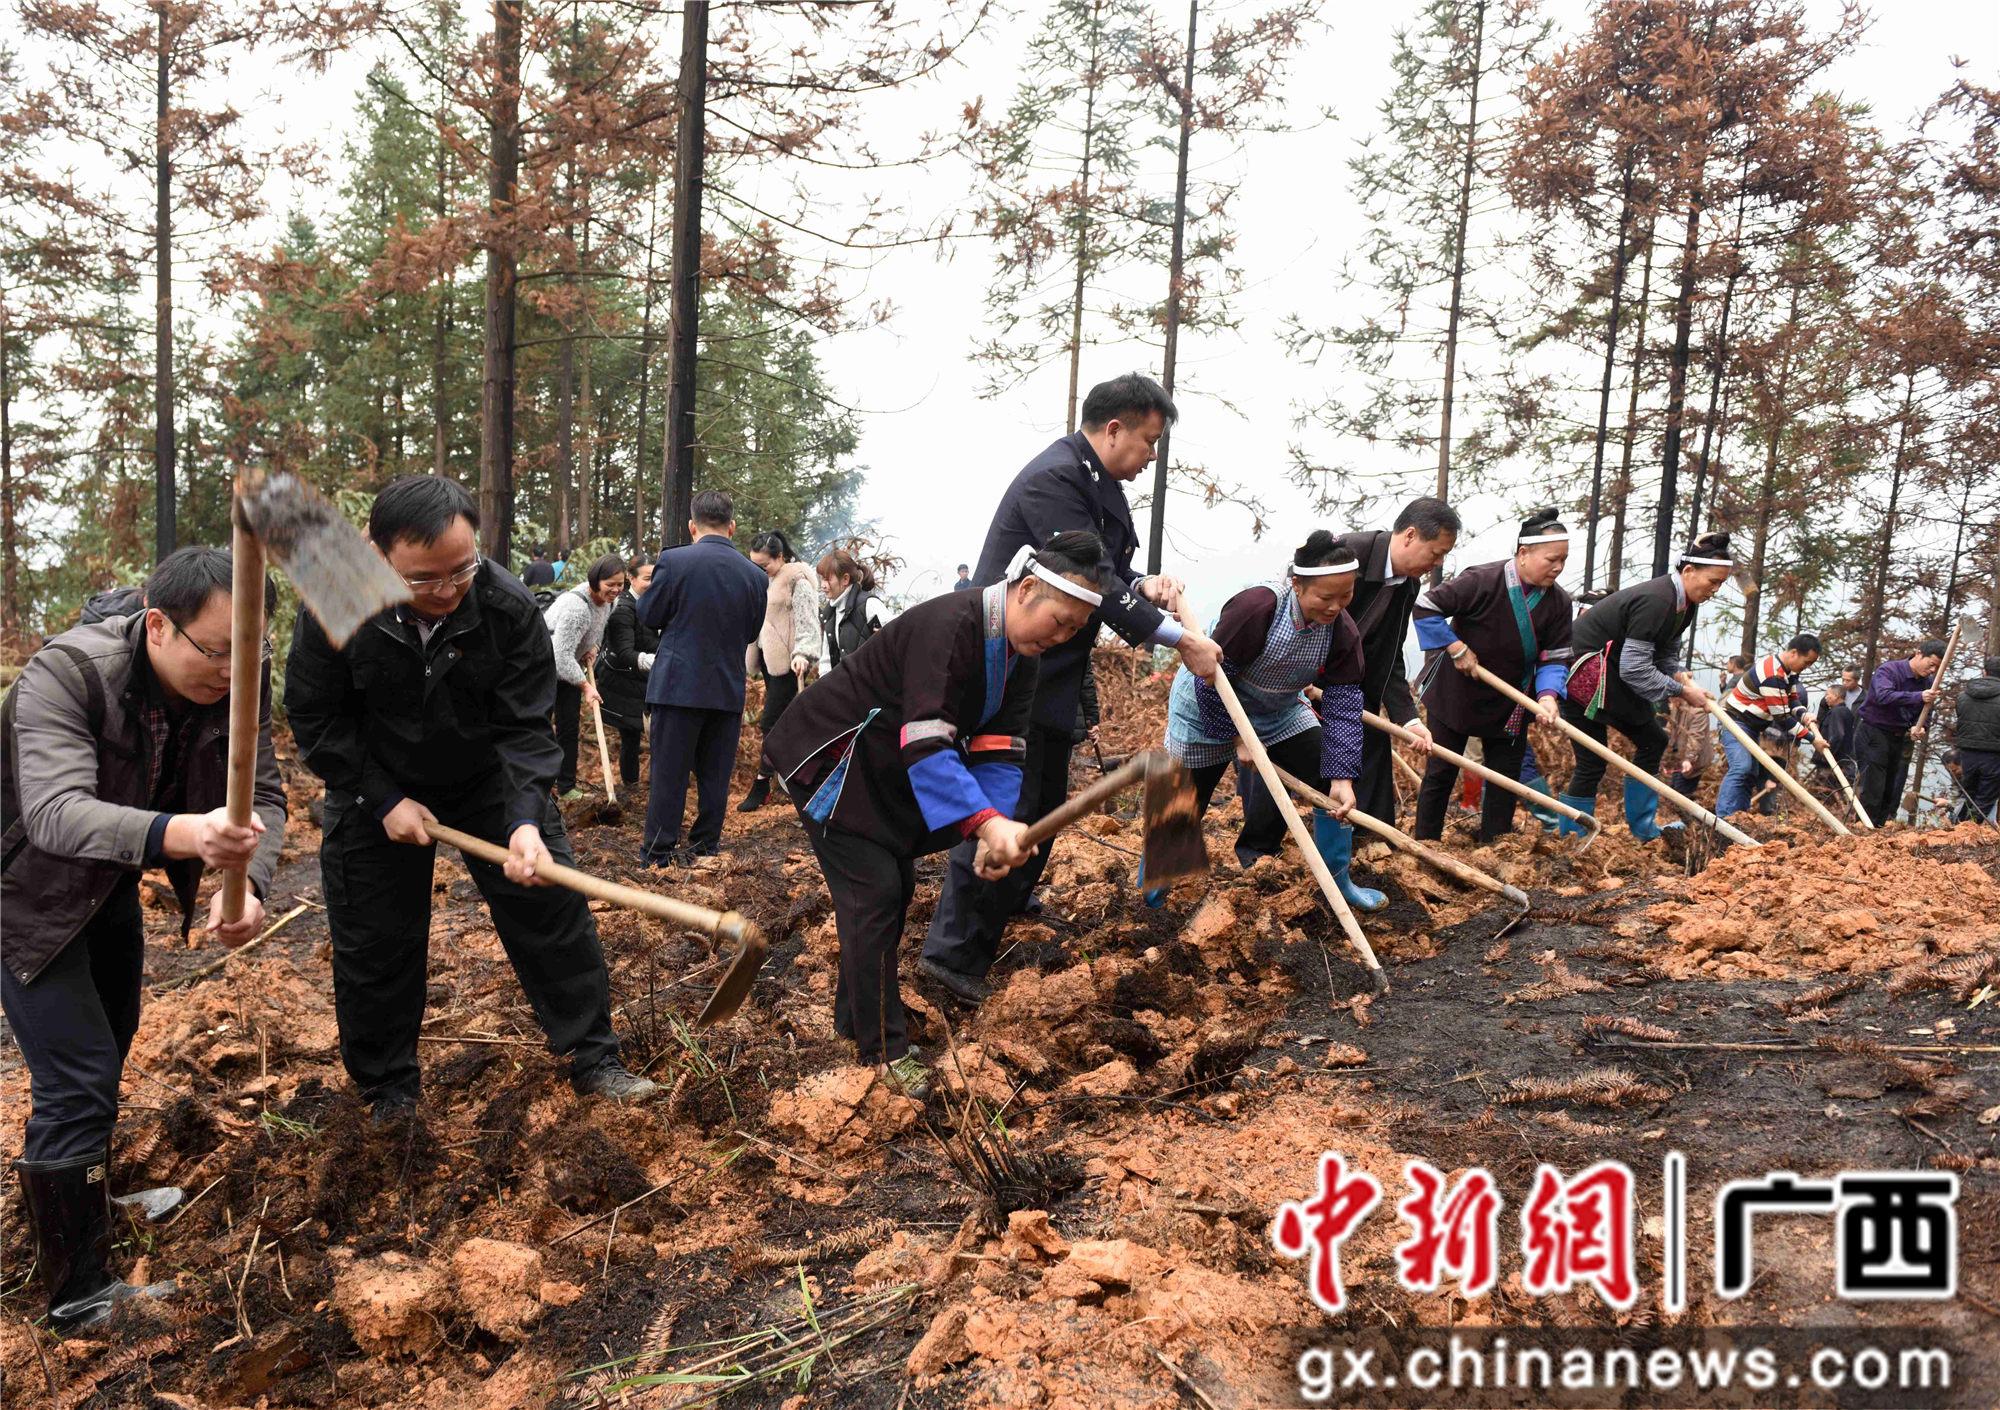 广西三江掀油茶备耕热潮